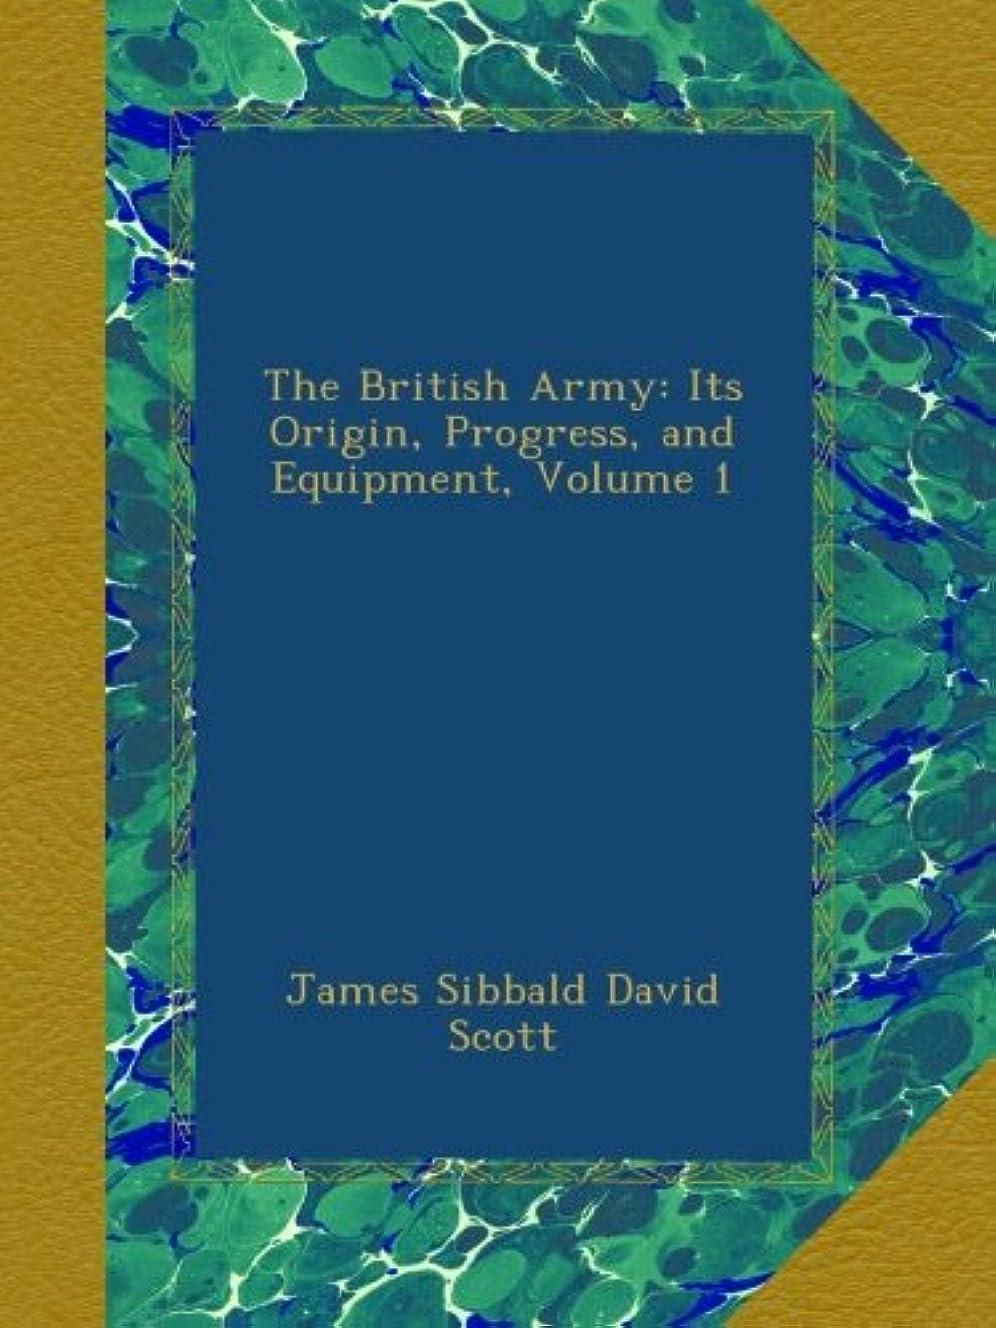 ギャラントリー不完全カプセルThe British Army: Its Origin, Progress, and Equipment, Volume 1